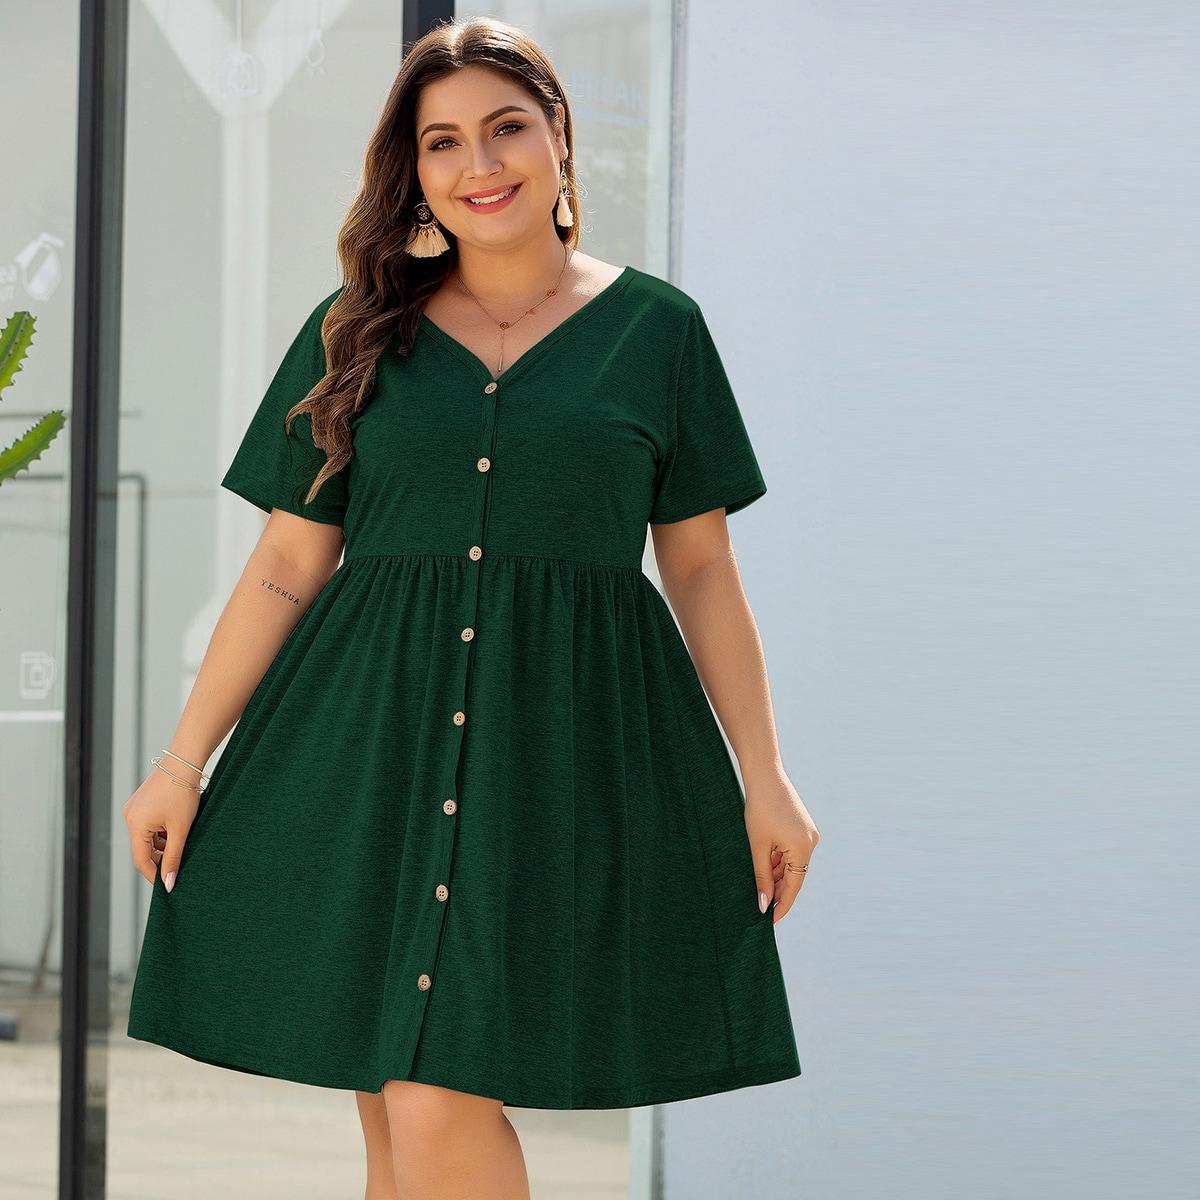 SHEIN / Knöpfen vorn Einfarbig Lässig Kleider Große Größen